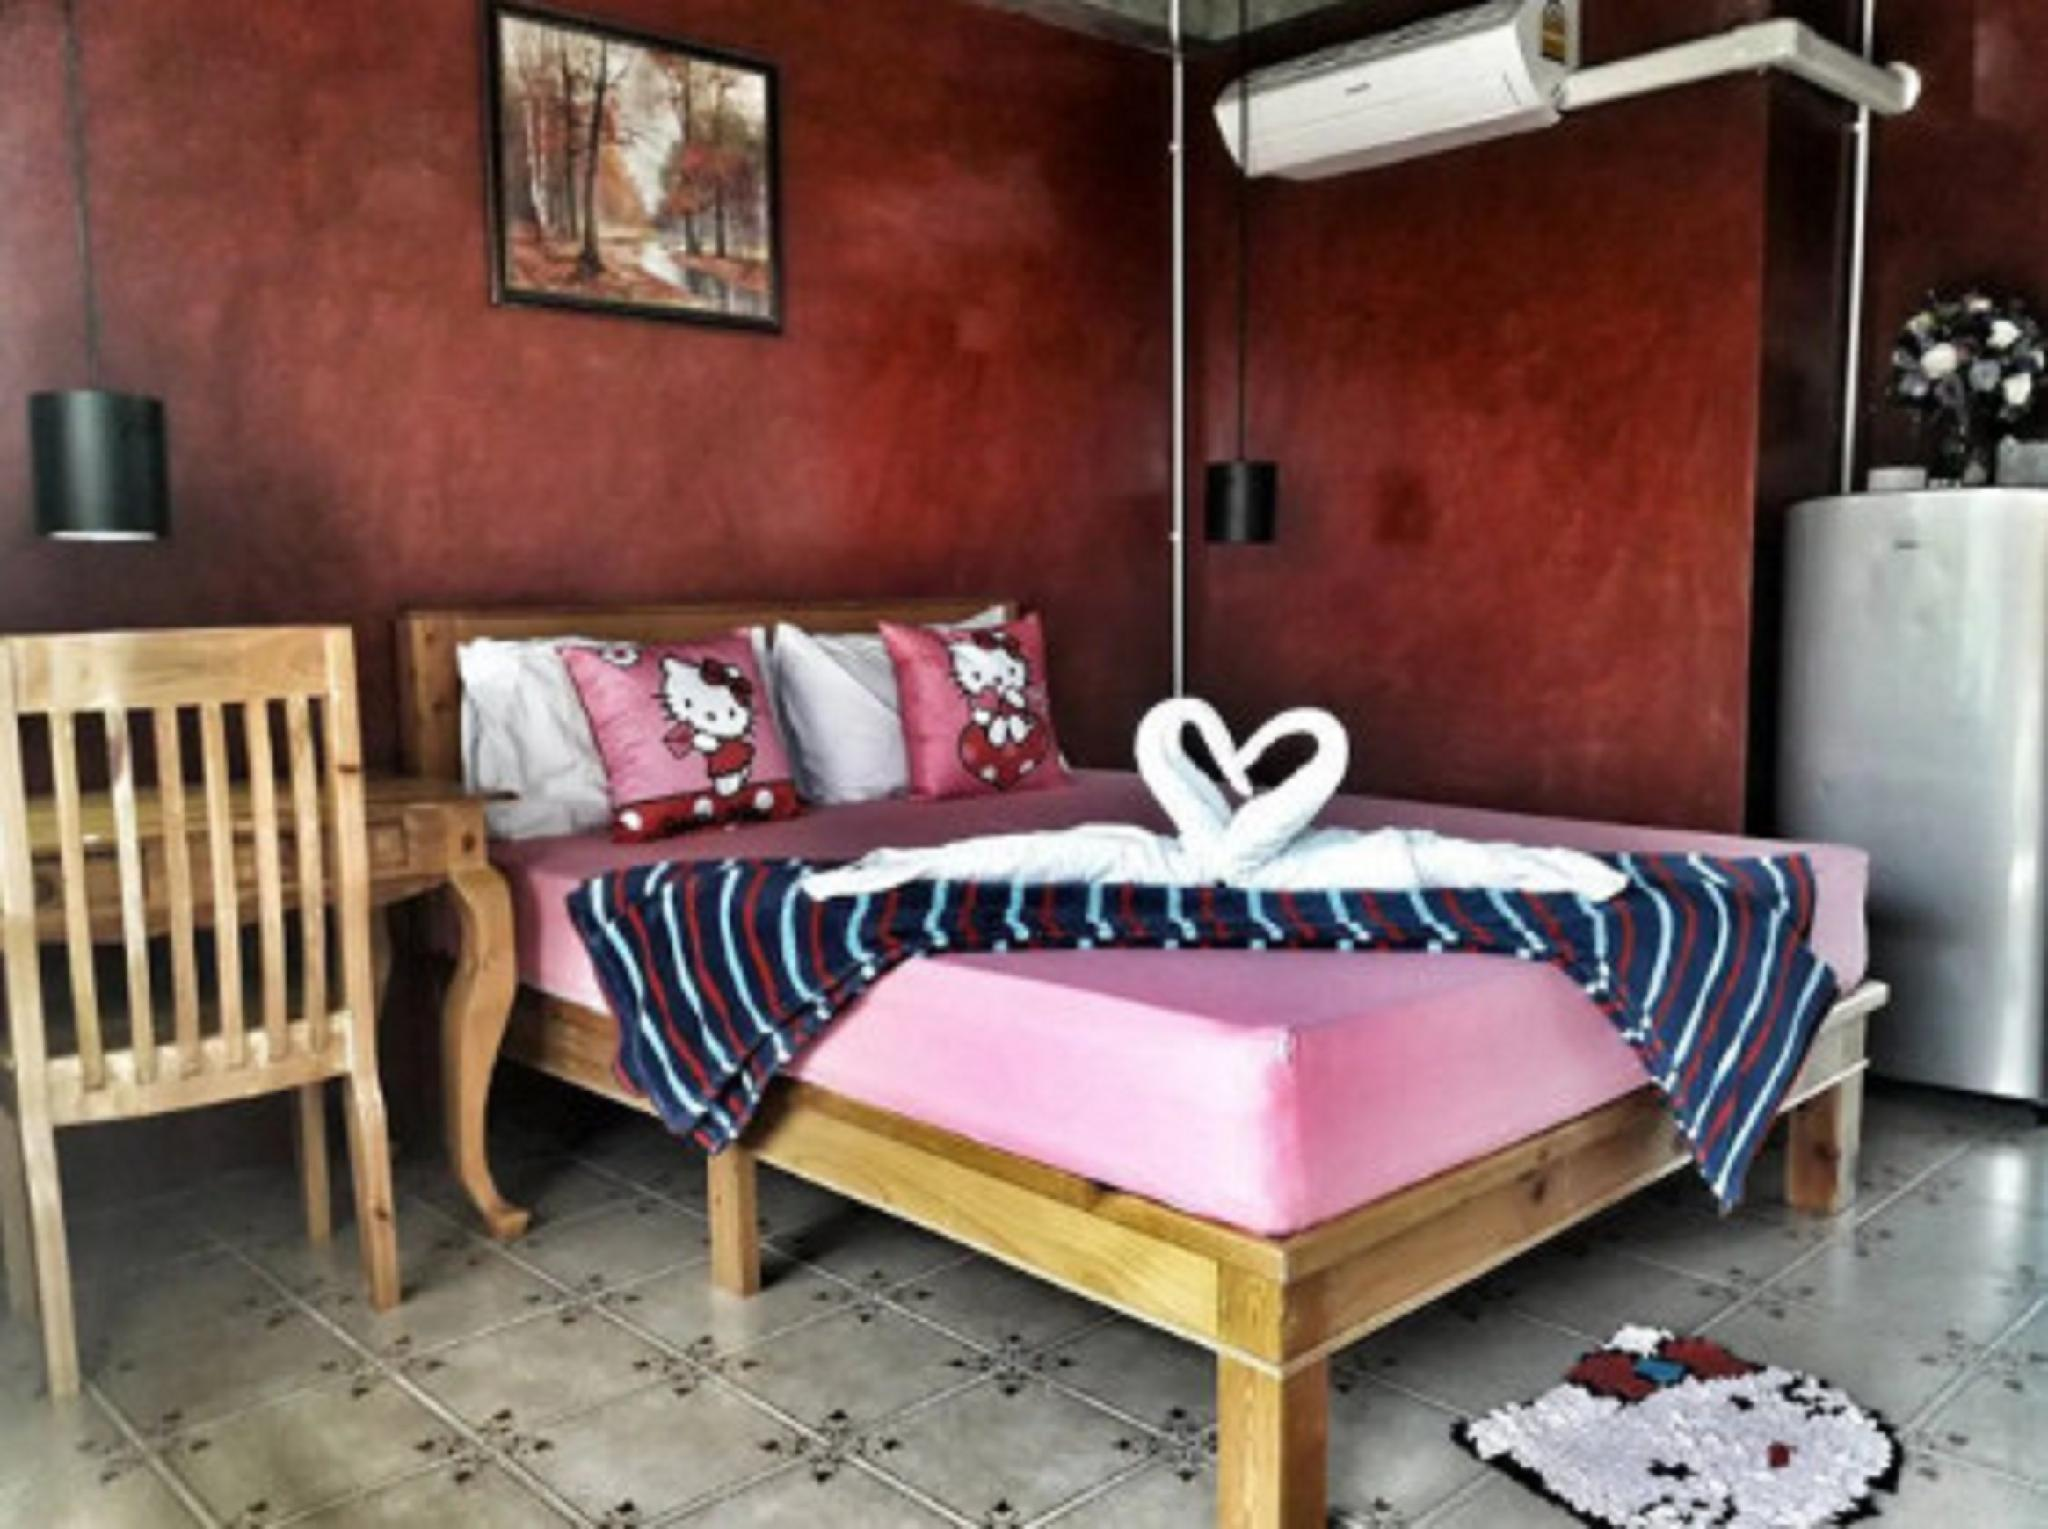 102RESIDENCE,Room&Pool&Foods 1 ห้องนอน 1 ห้องน้ำส่วนตัว ขนาด 40 ตร.ม. – สันกำแพง